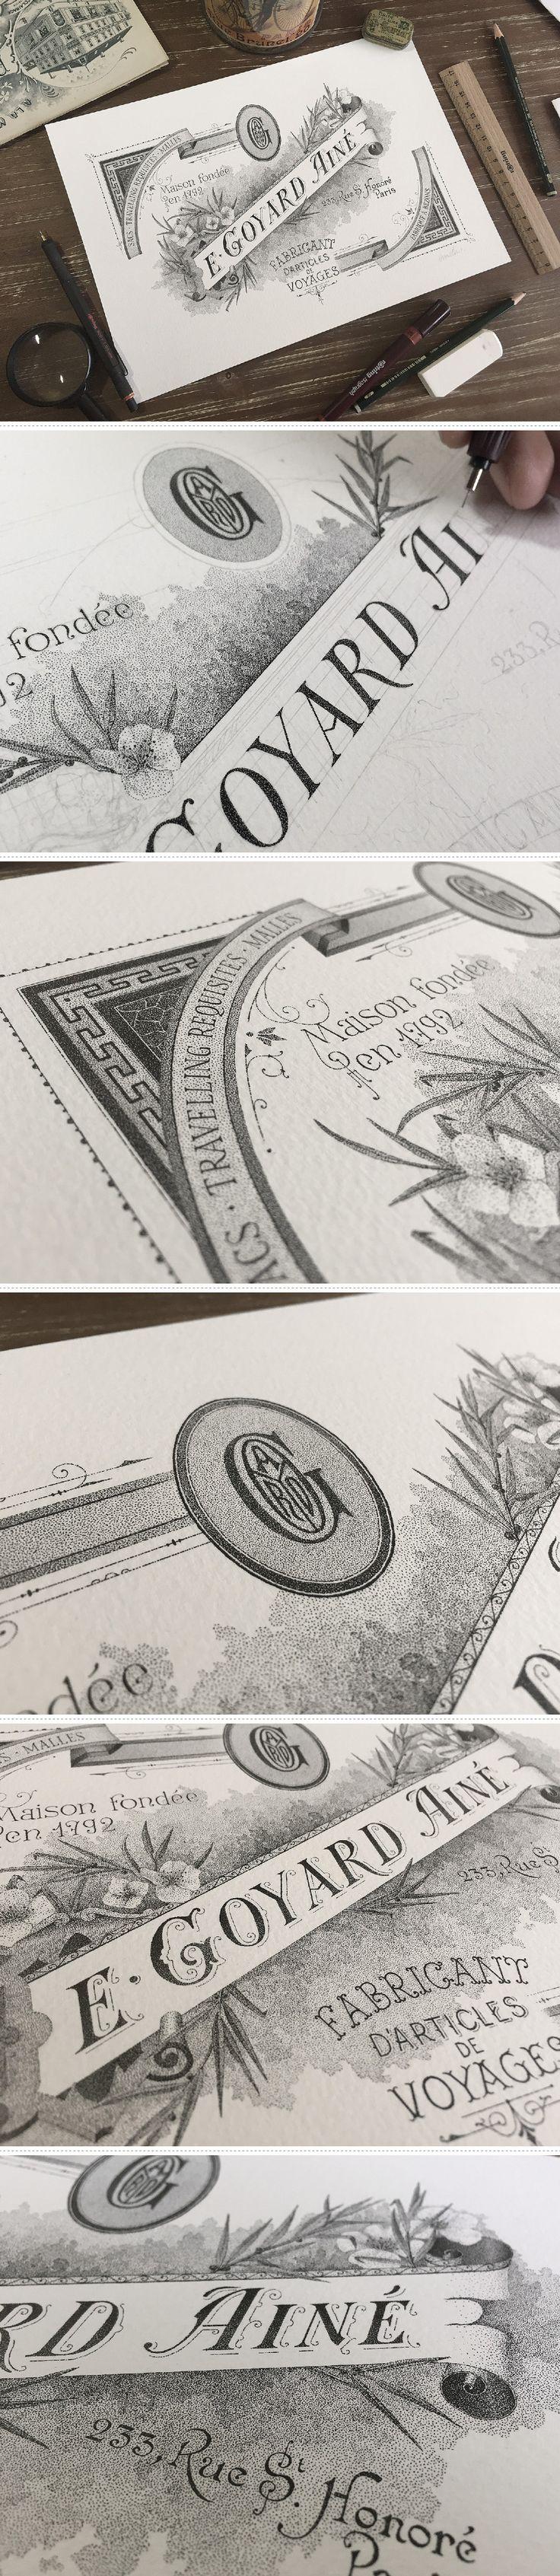 E. Goyard Ainé - Hand lettering & #illustration